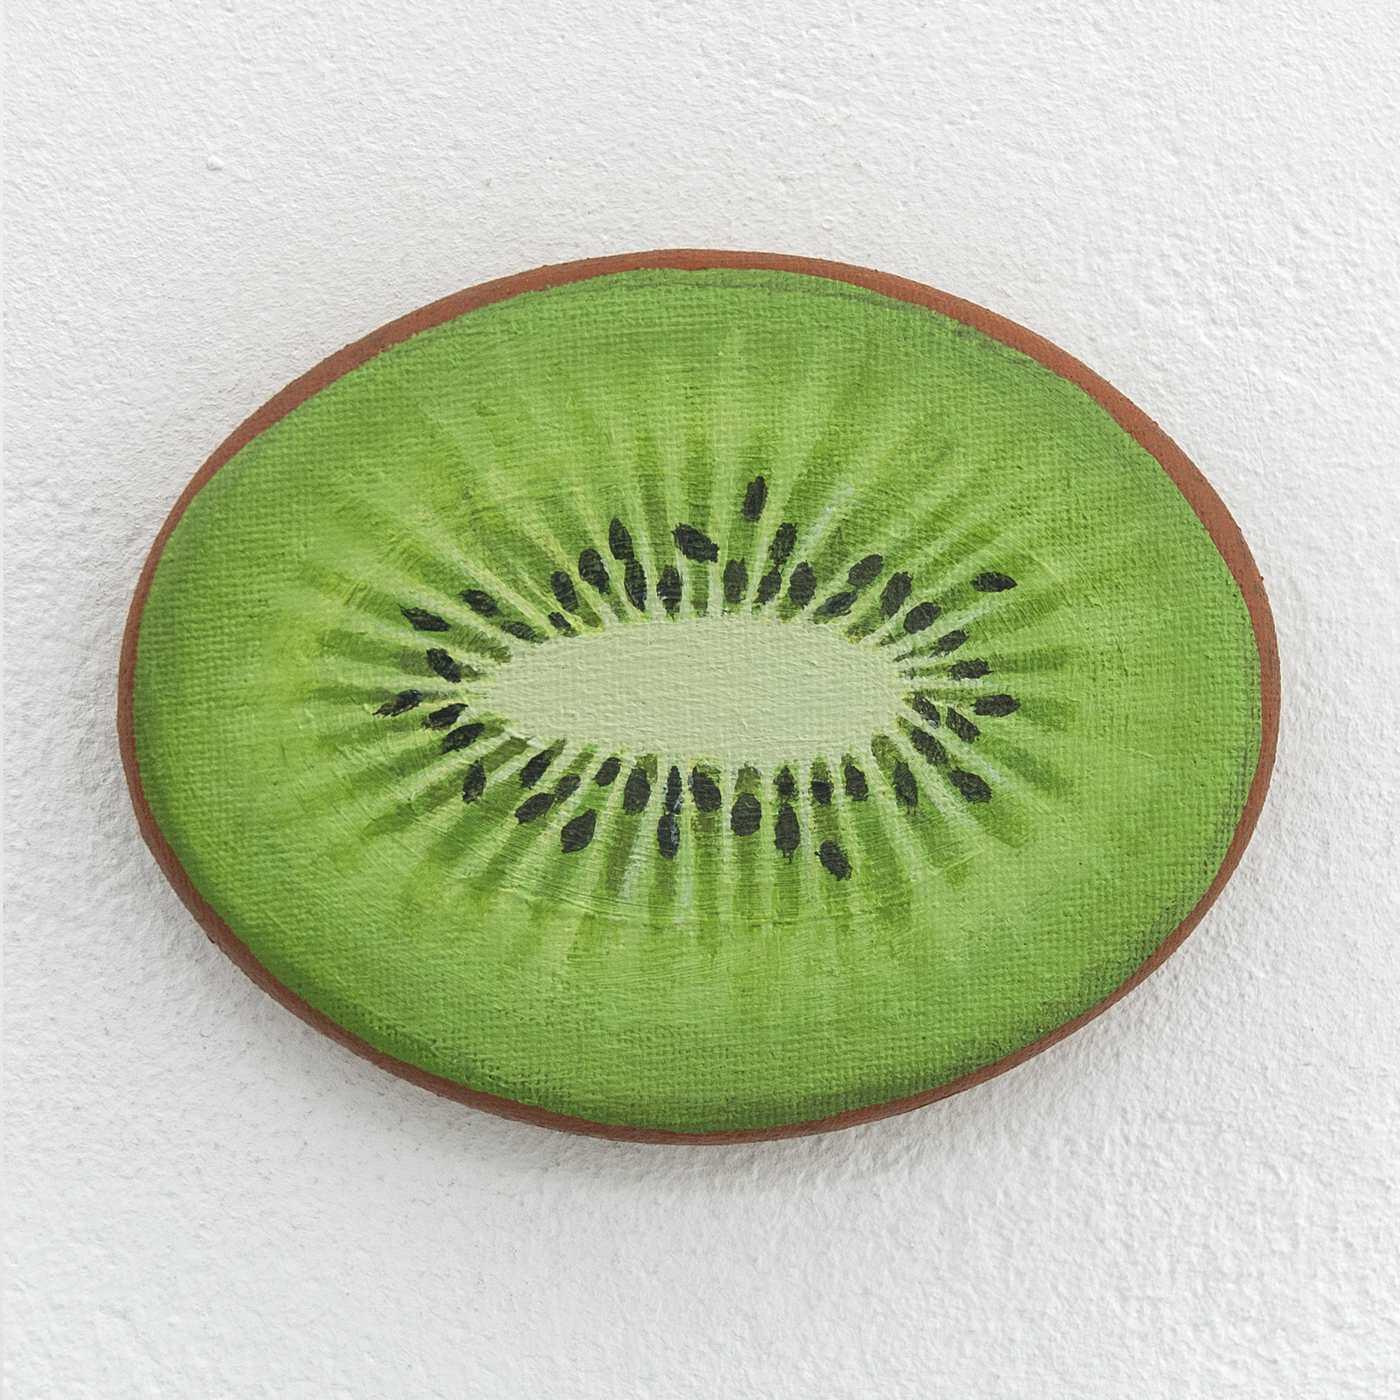 37.Kiwi